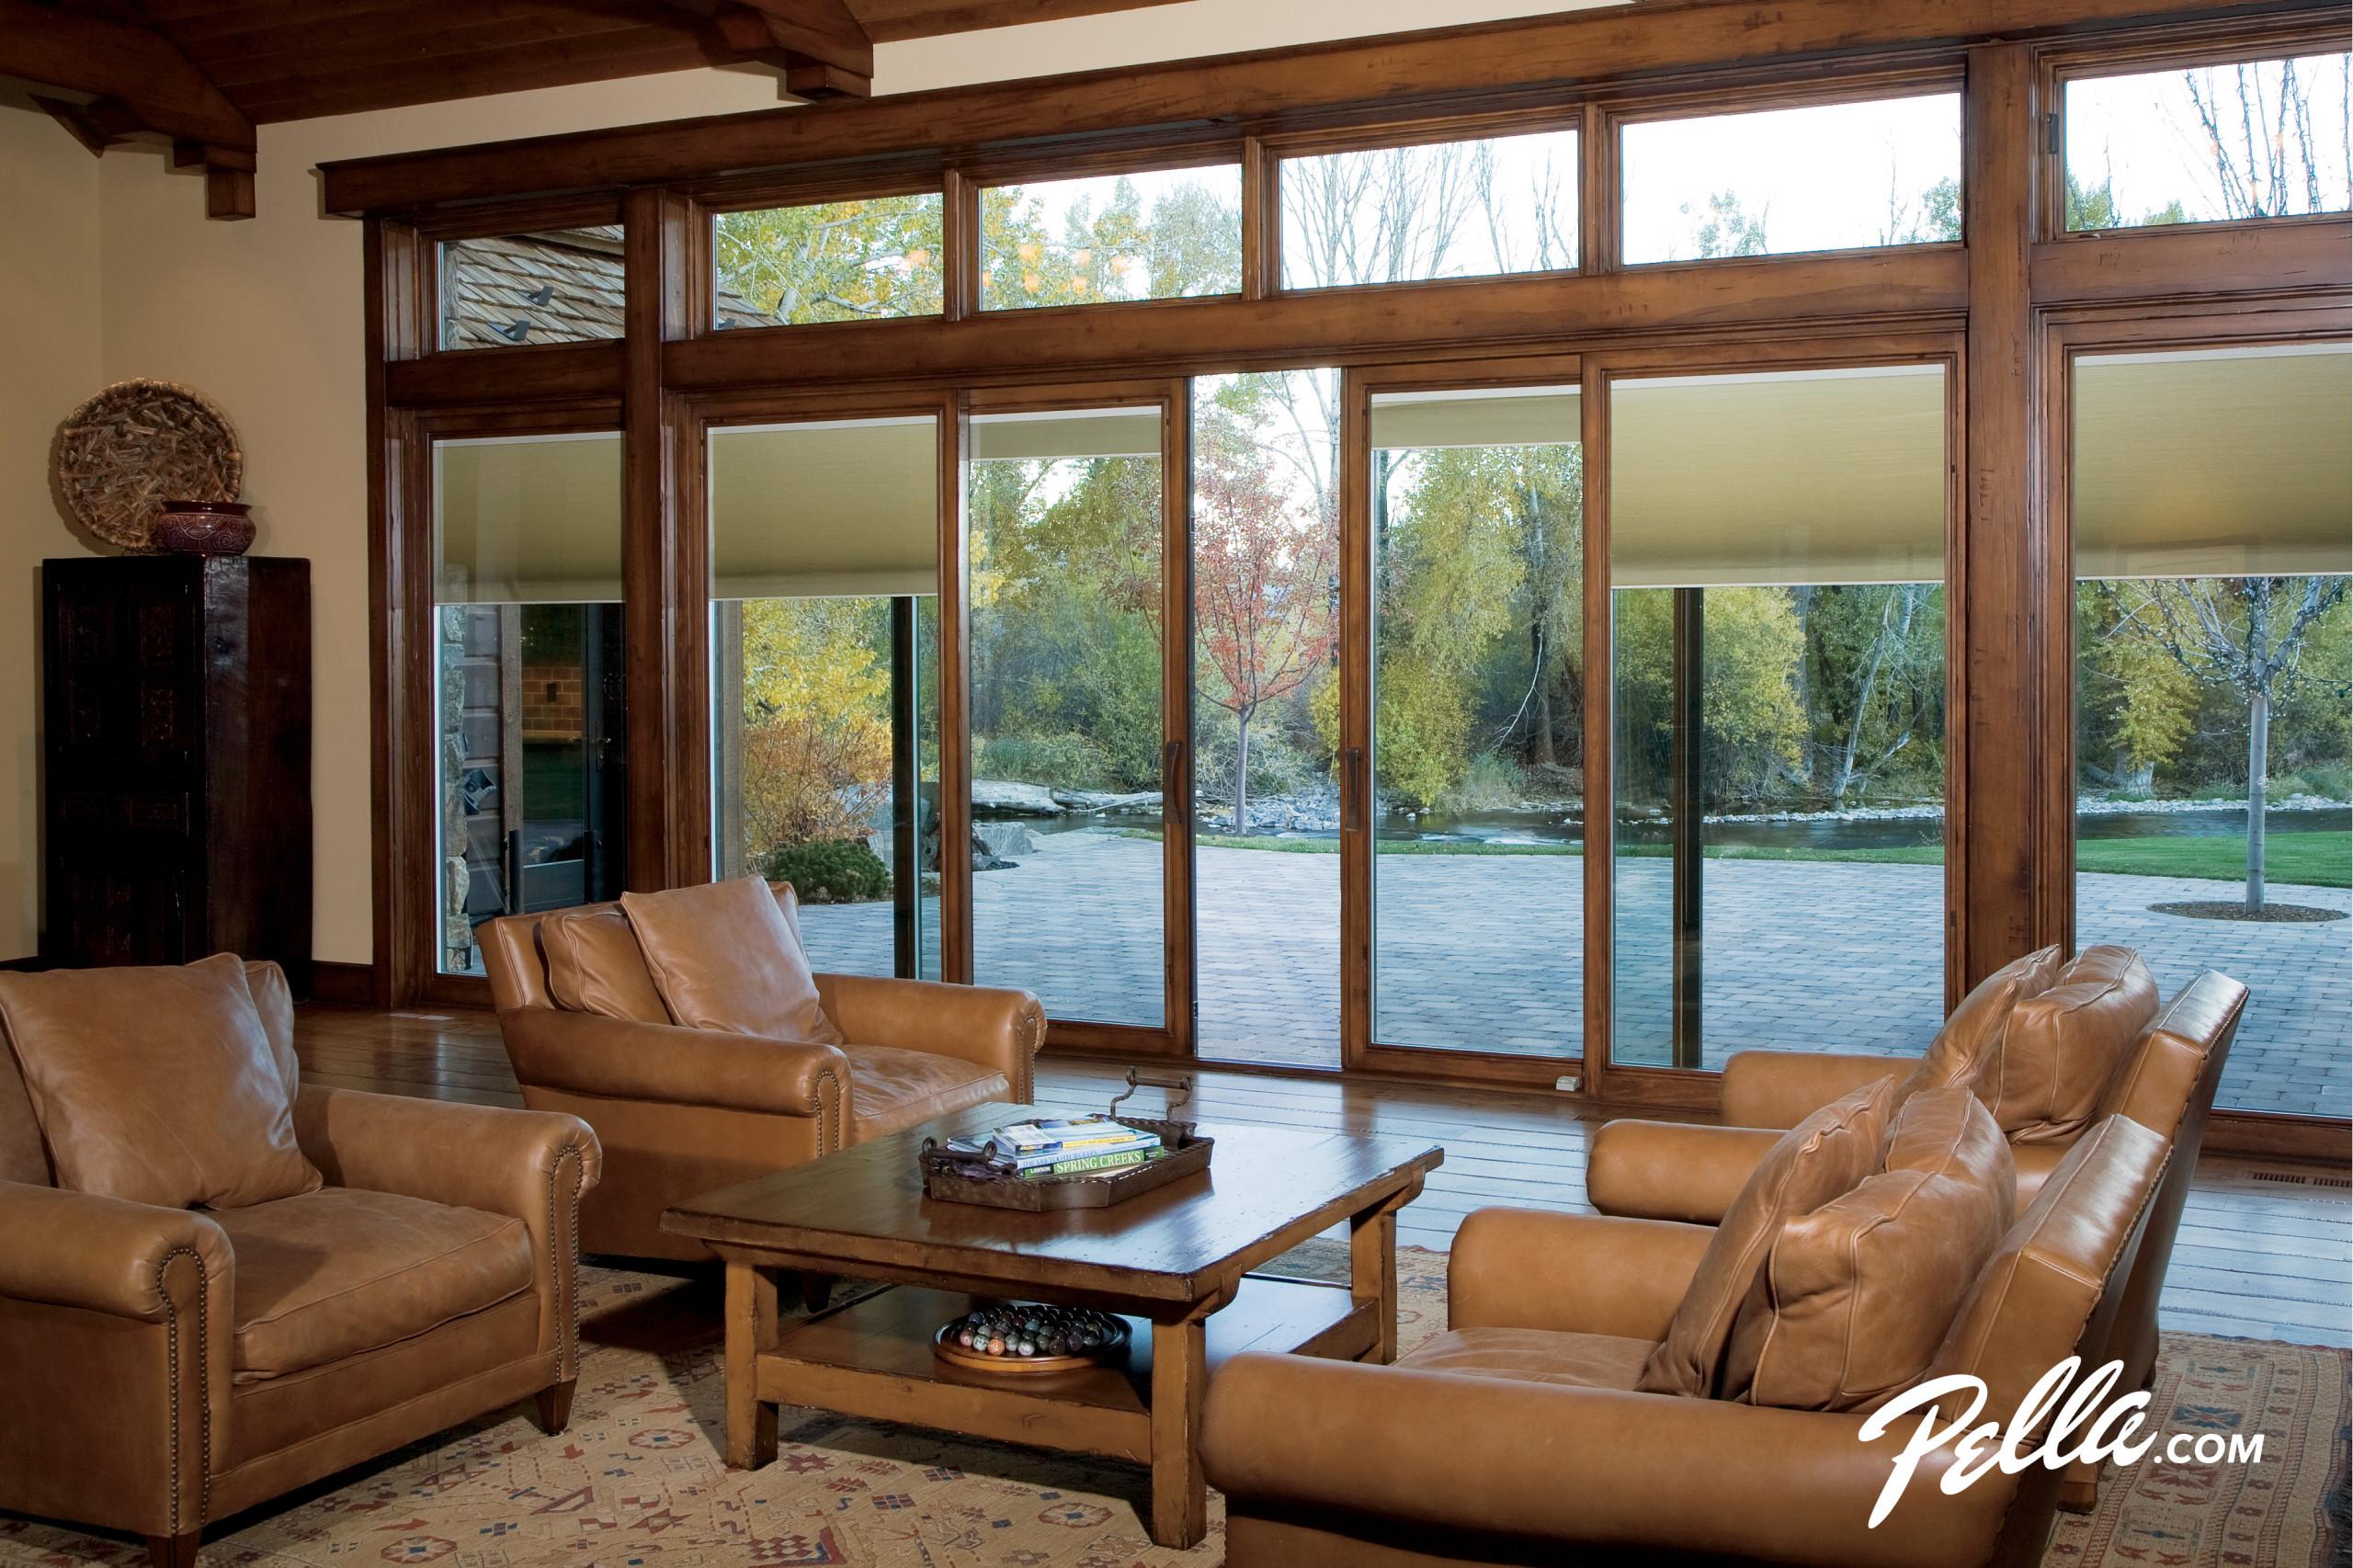 pella designer series sliding patio